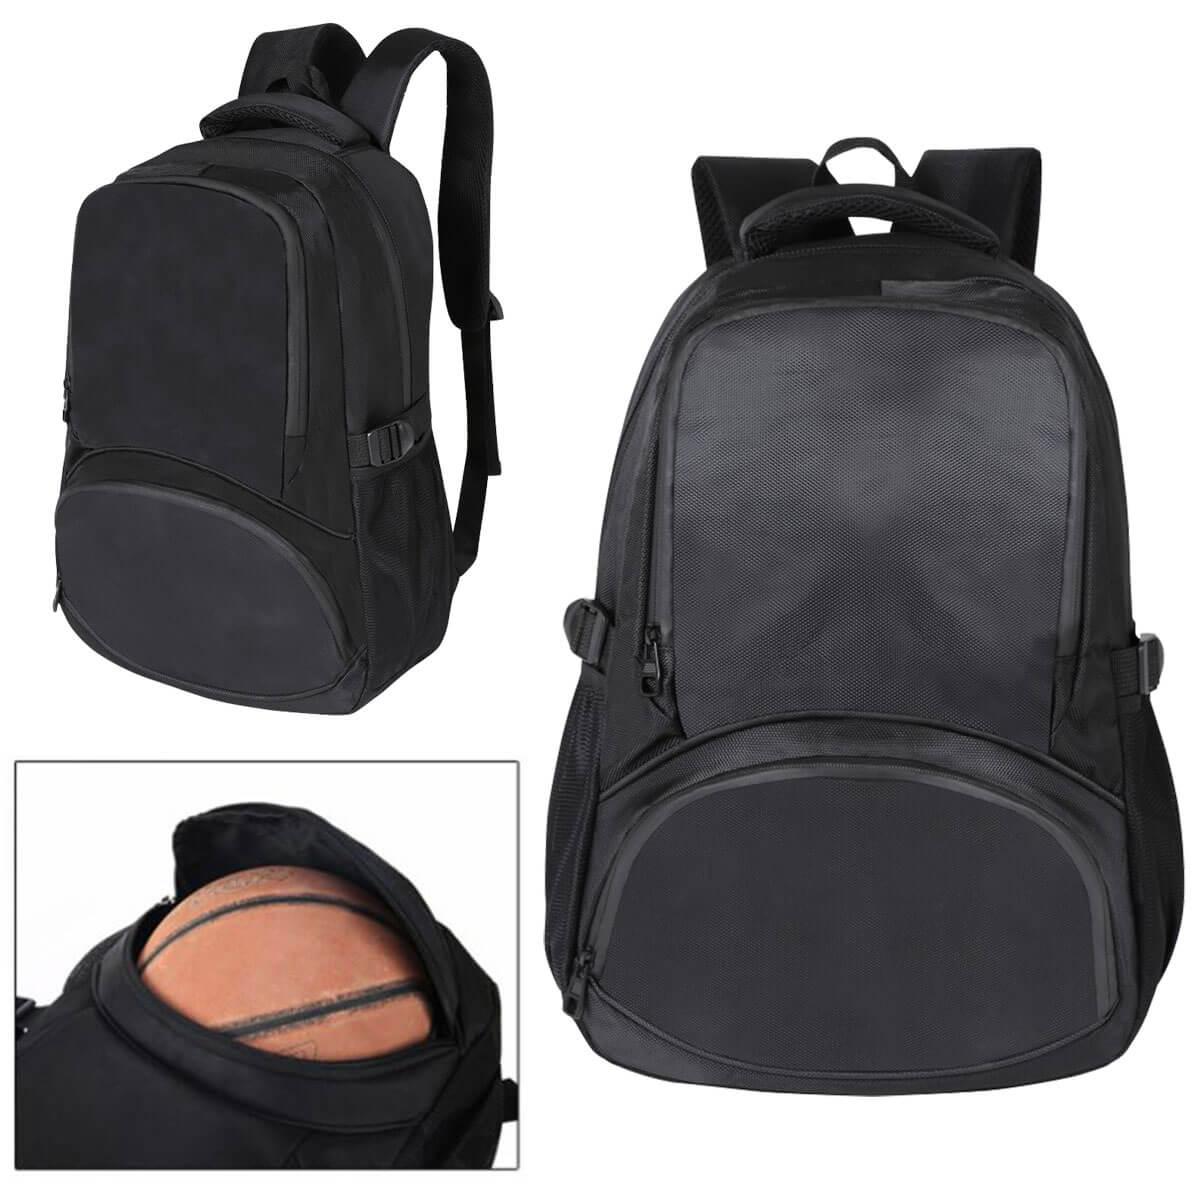 バスケ 低価格 リュック ボール収納 バスケットボール バッグ 高価値 防水 バスケット バックパック ボールバッグ